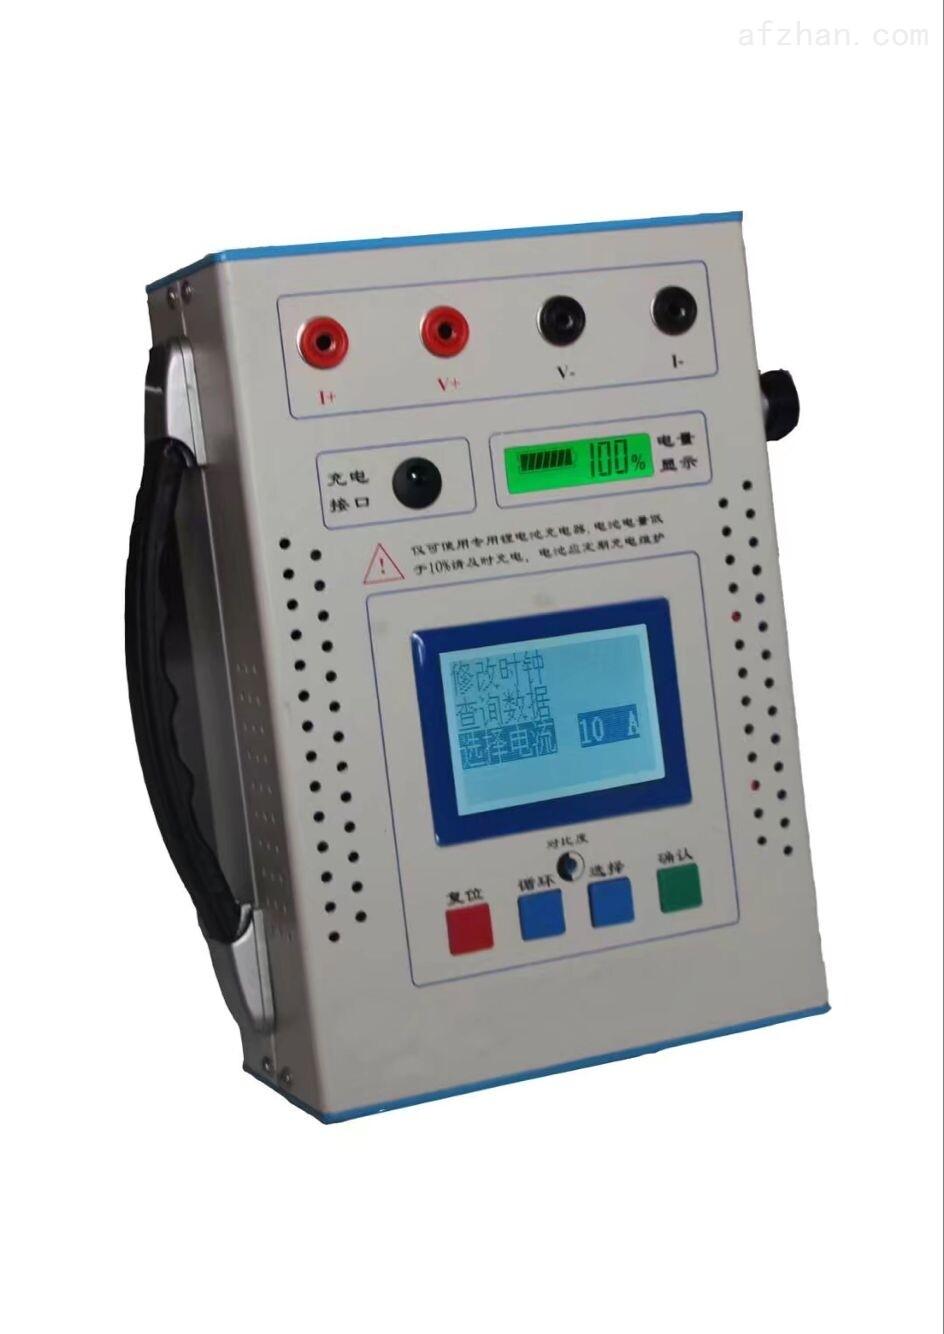 三通道(20T)10A直流电阻测试仪